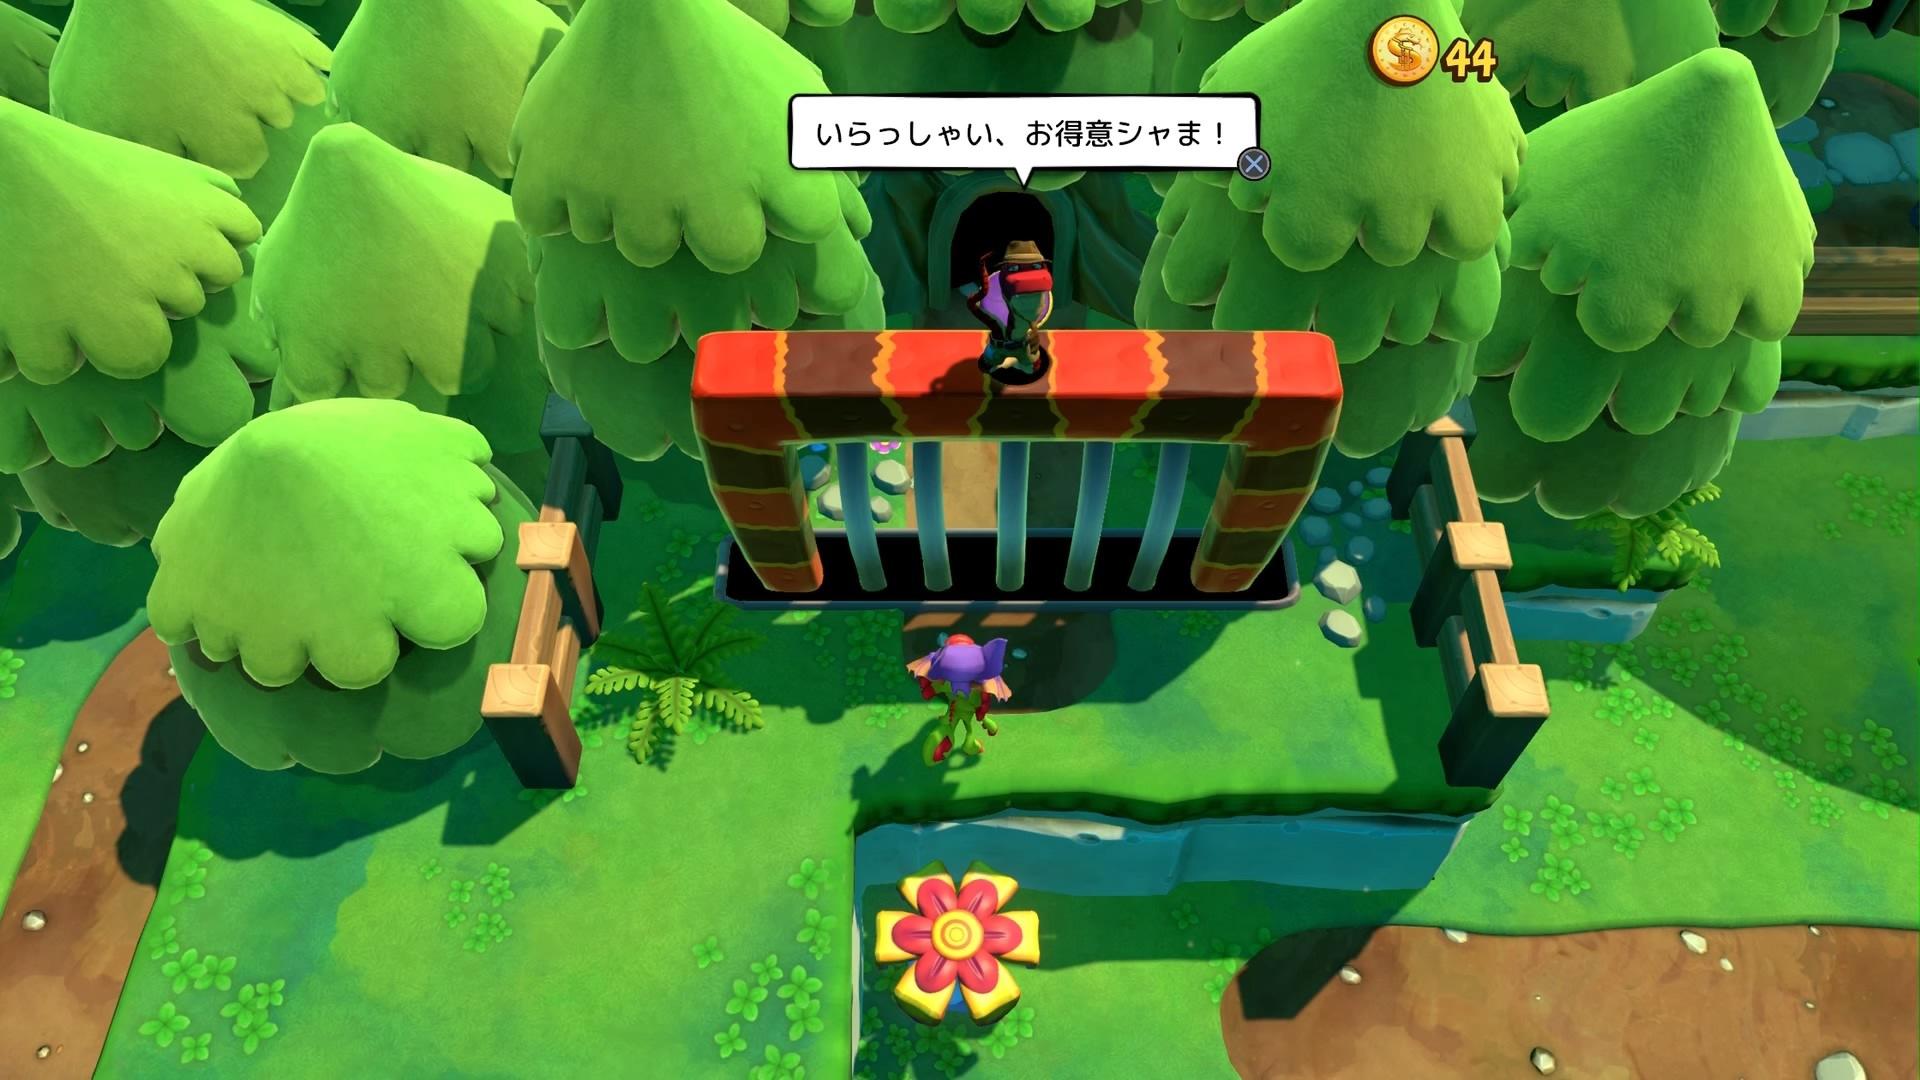 インポッシブル迷宮® 森林エリア-1